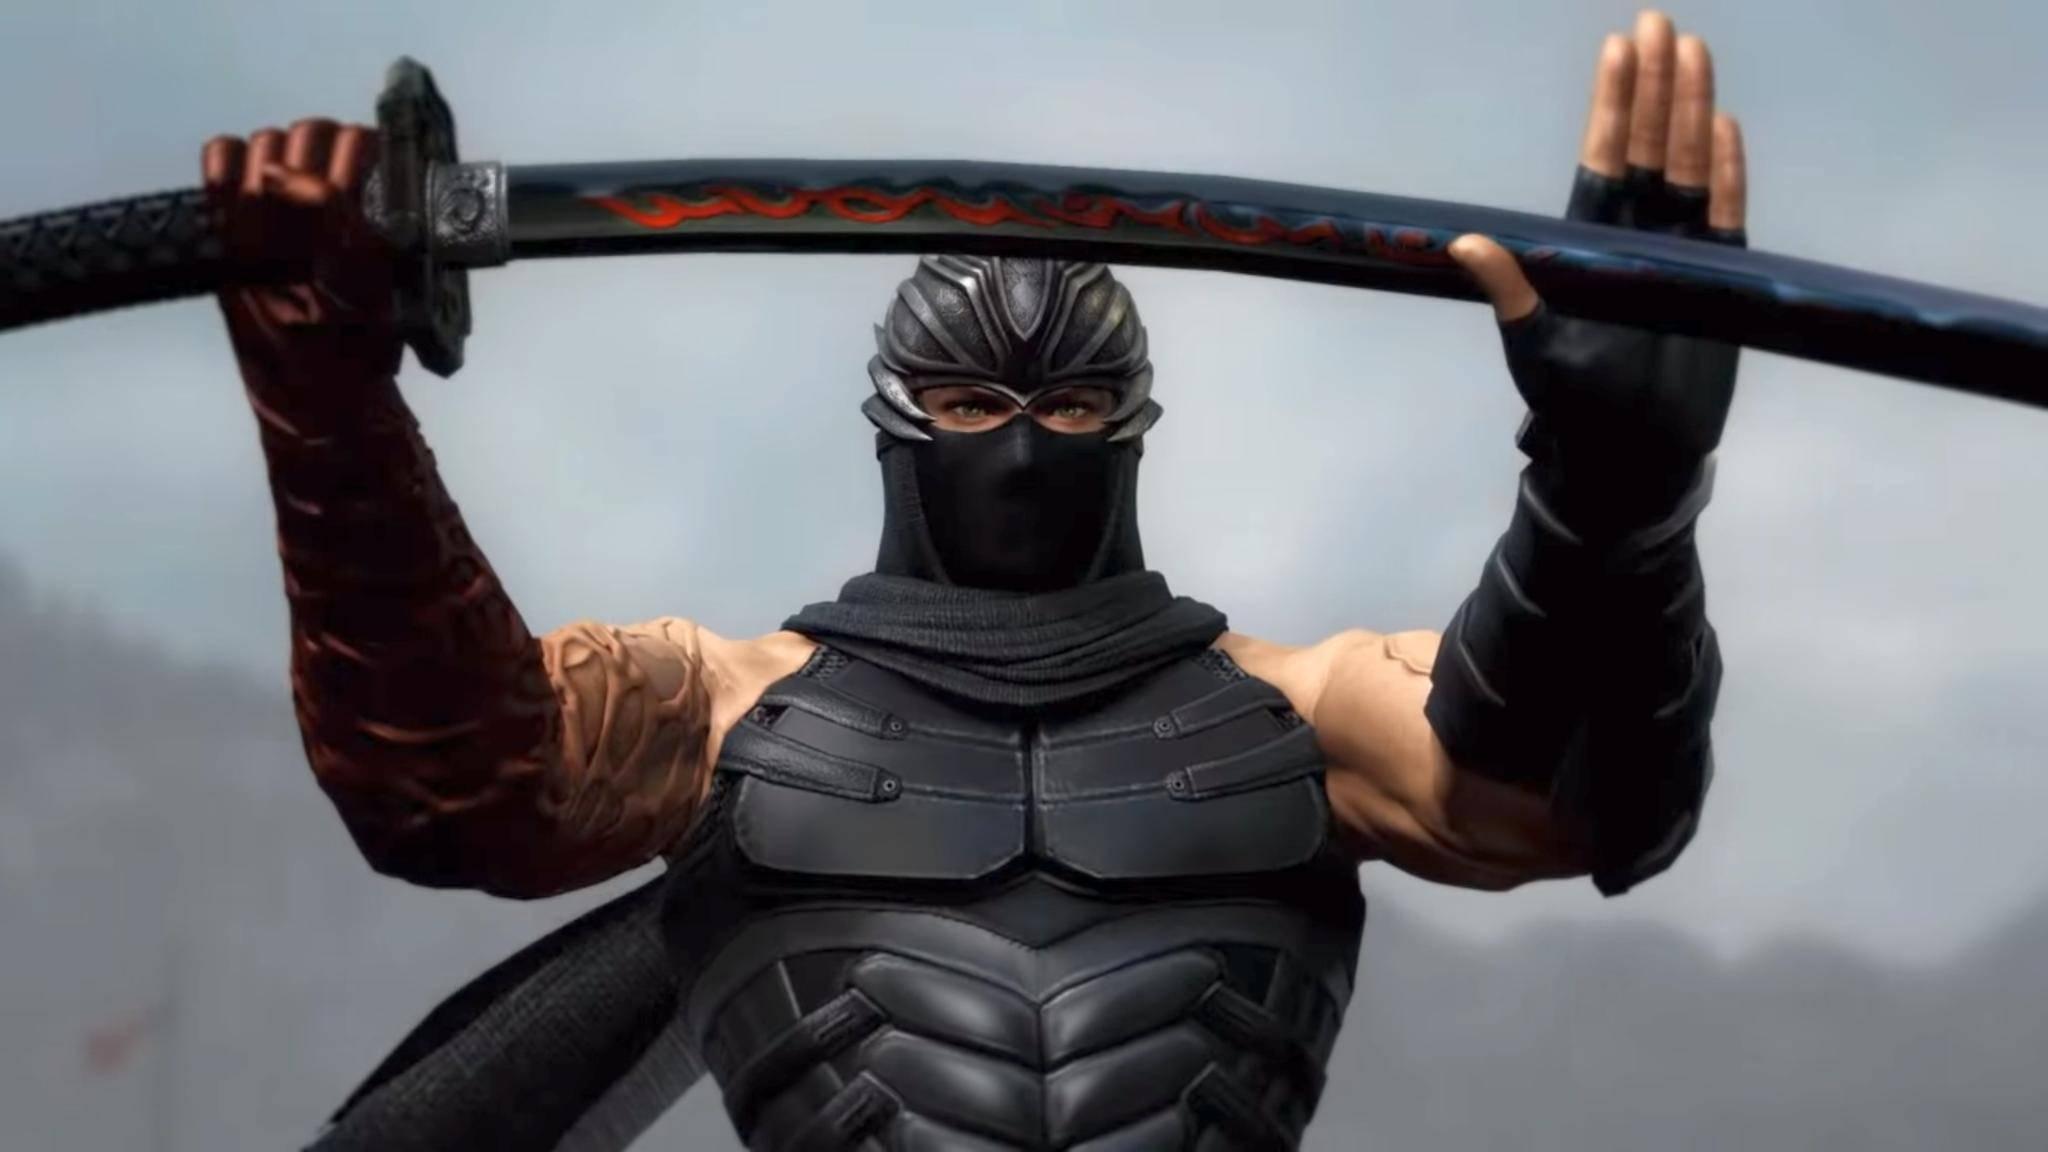 ninja-gaiden-3-hayabusa-team-ninja